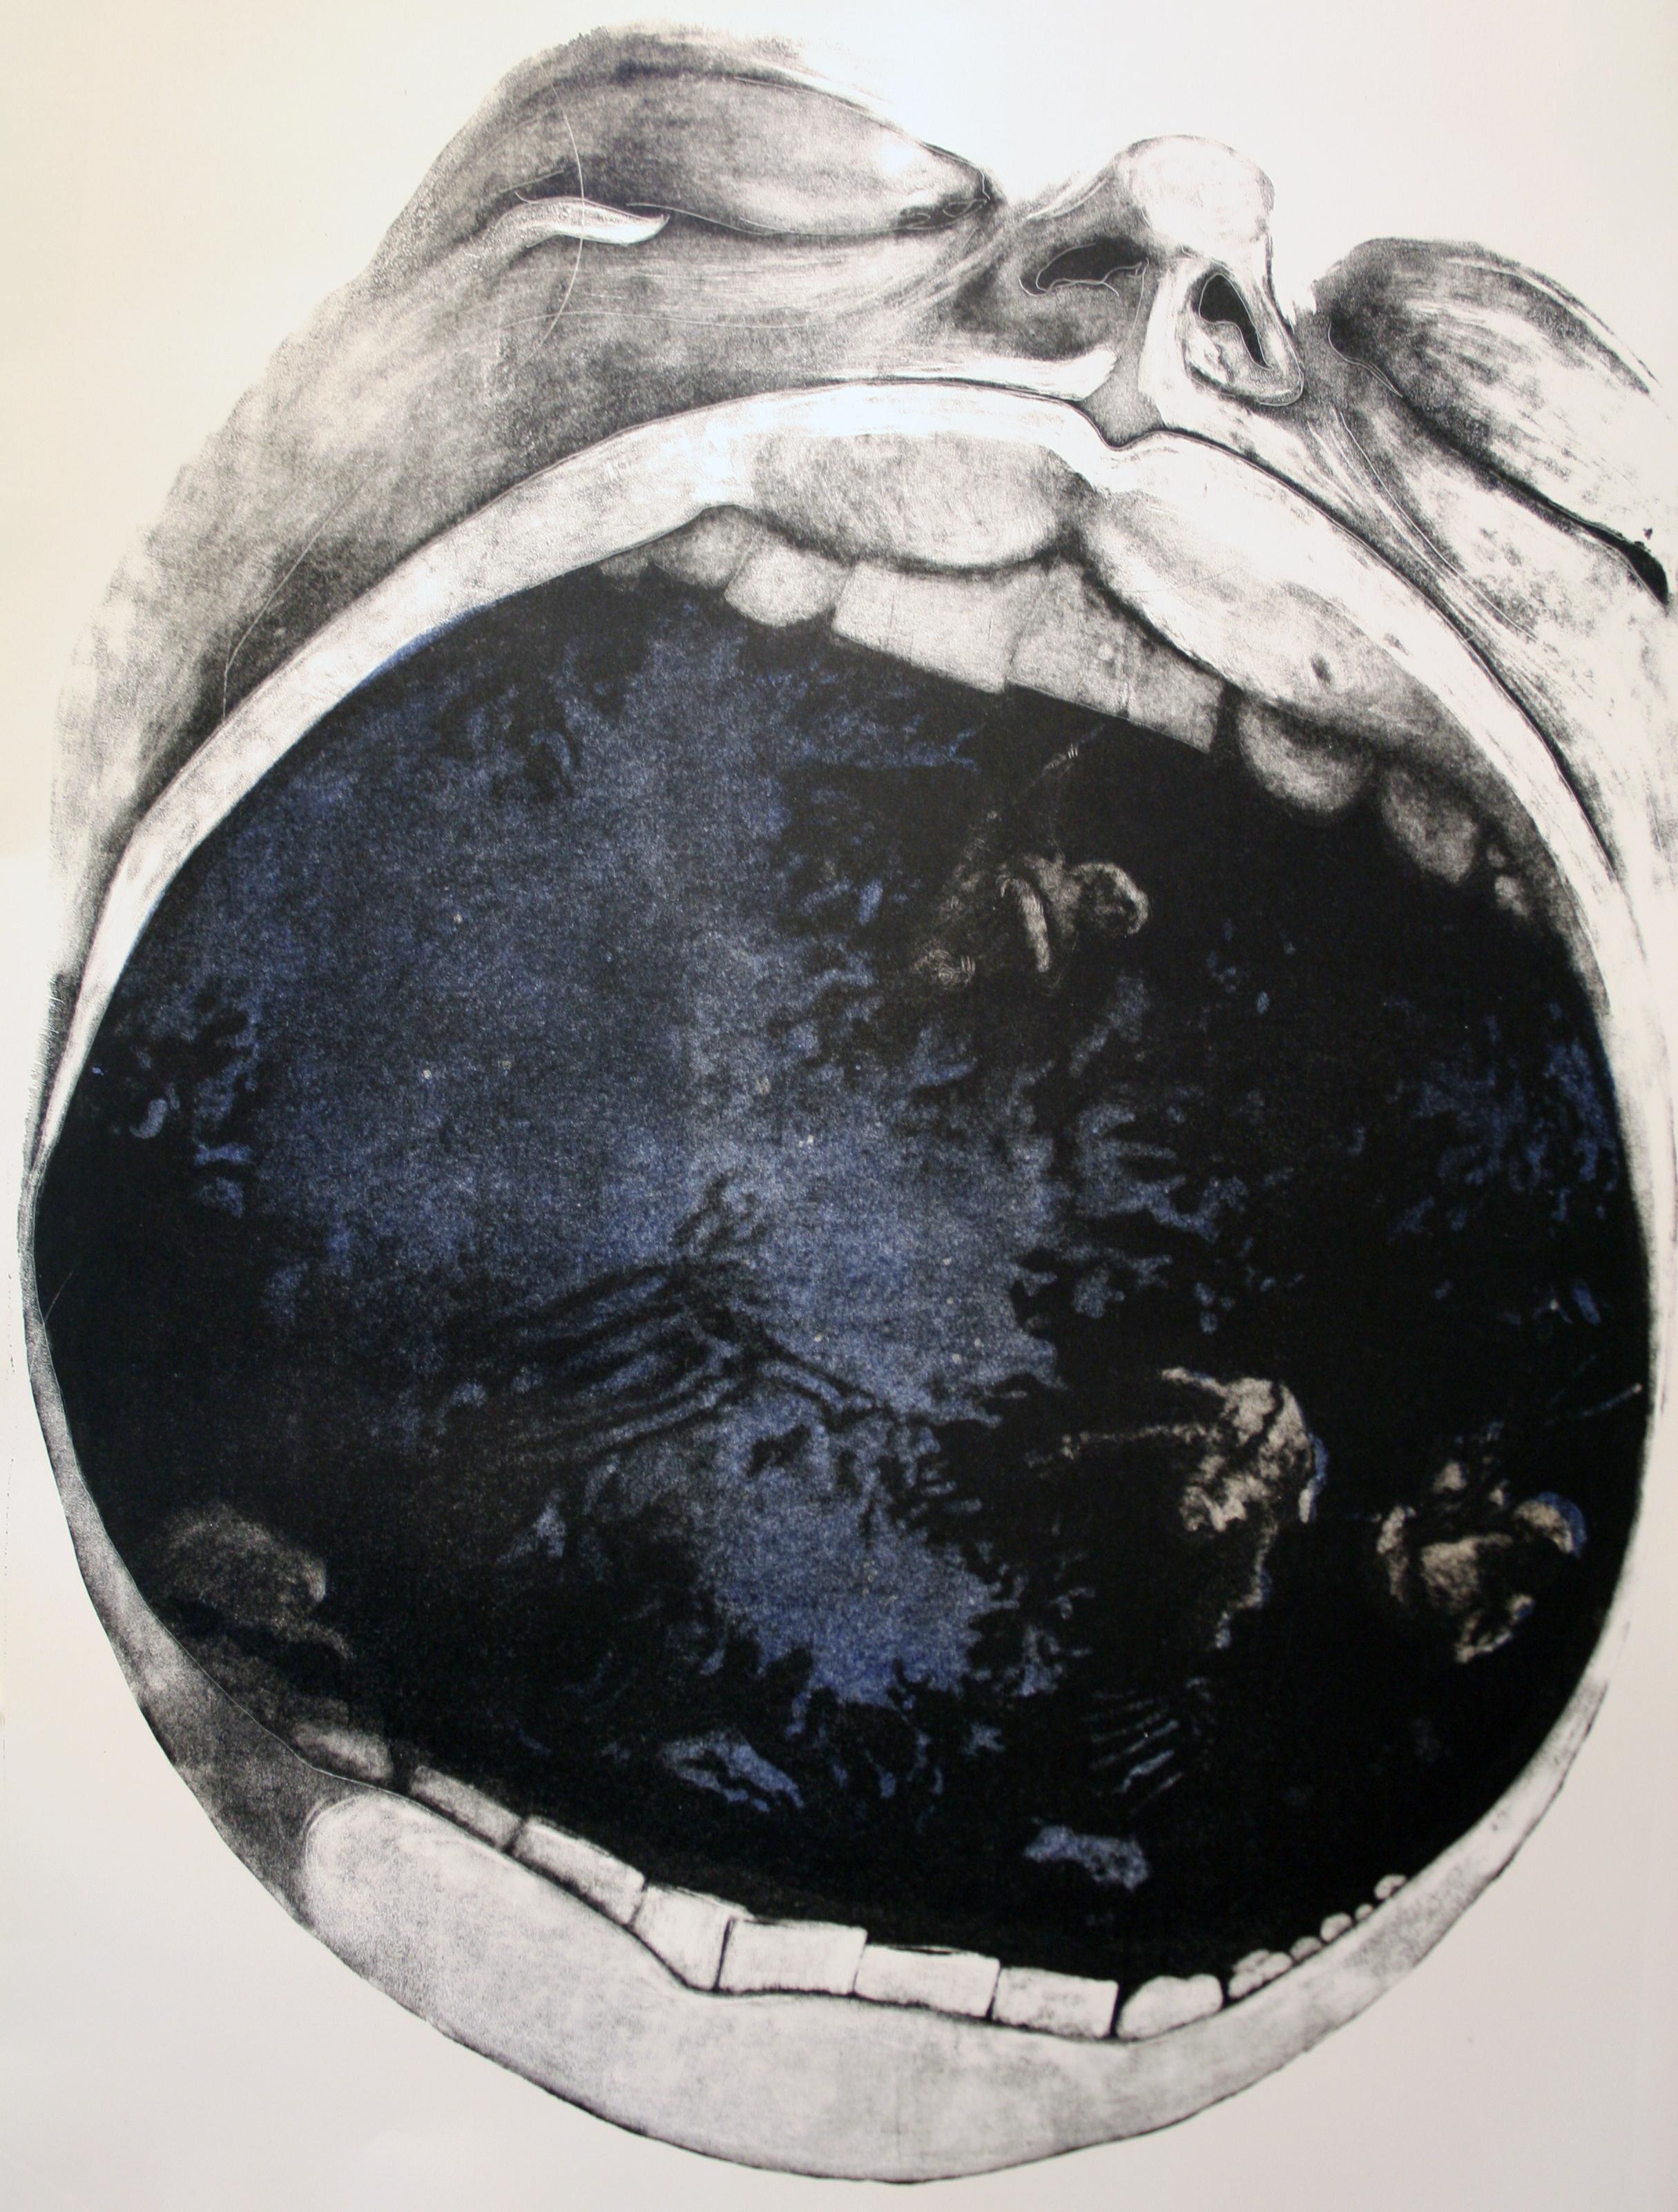 June, Mr. Moonbeam